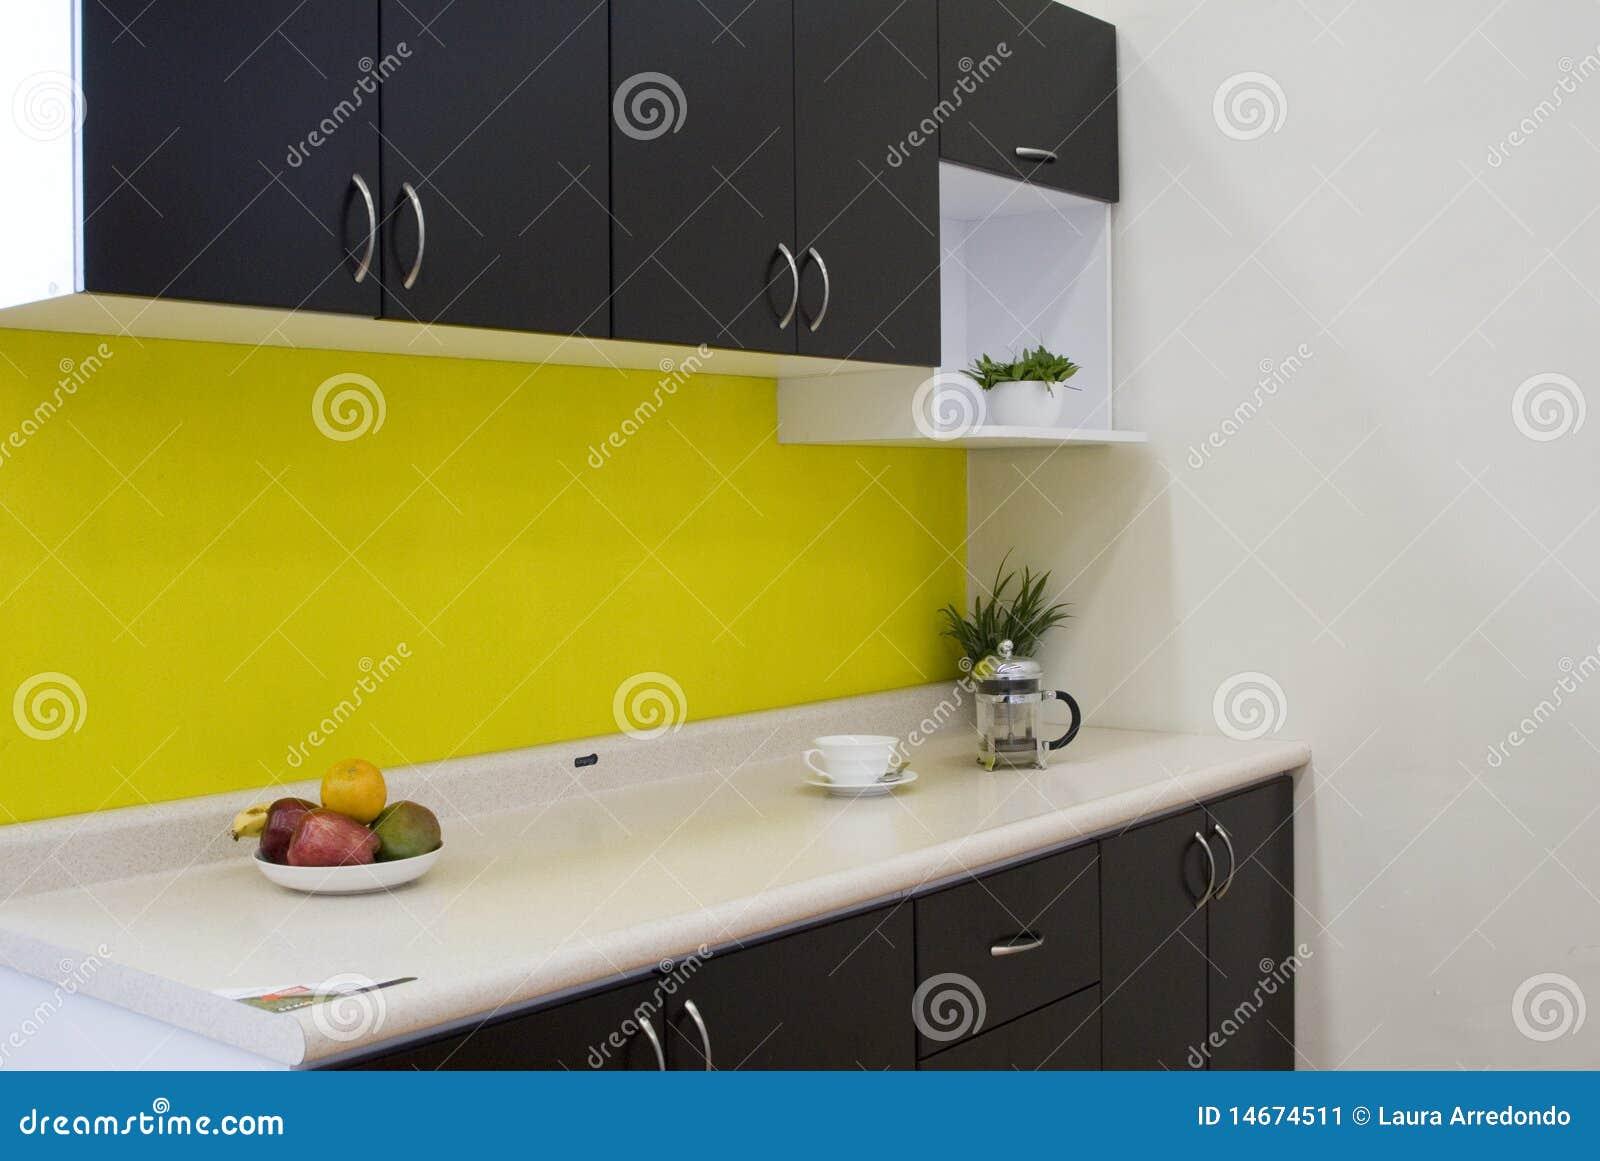 Cuisine Avec Un Mur Jaune Image stock  Image 14674511